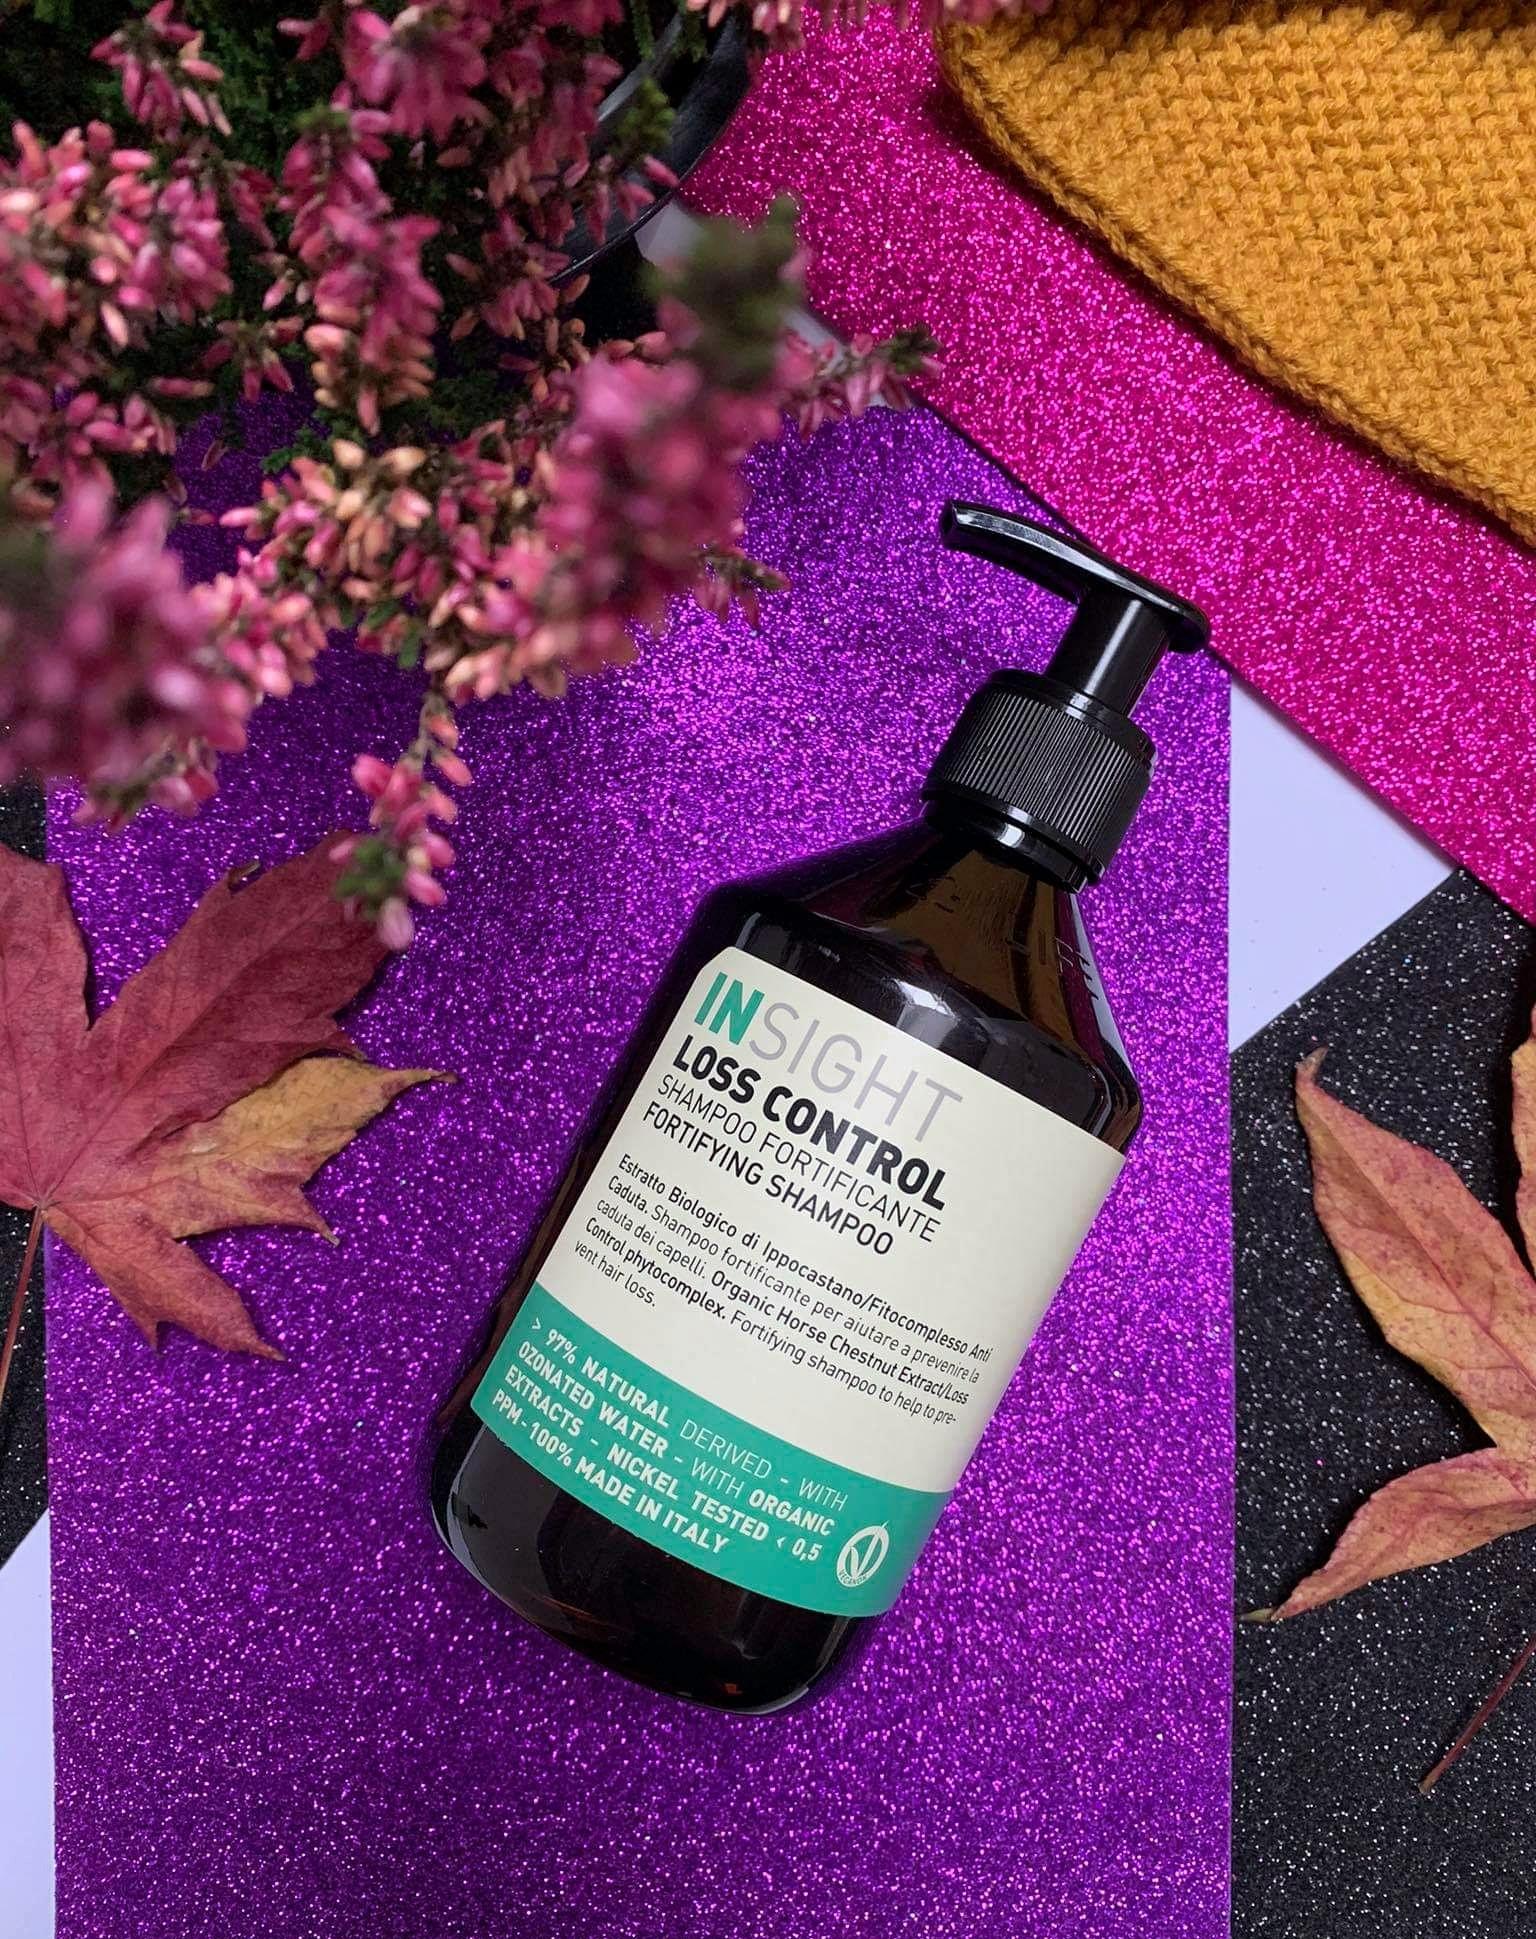 INSIGHT LOSS CONTROL - szampon przeciw wypadaniu włosów.